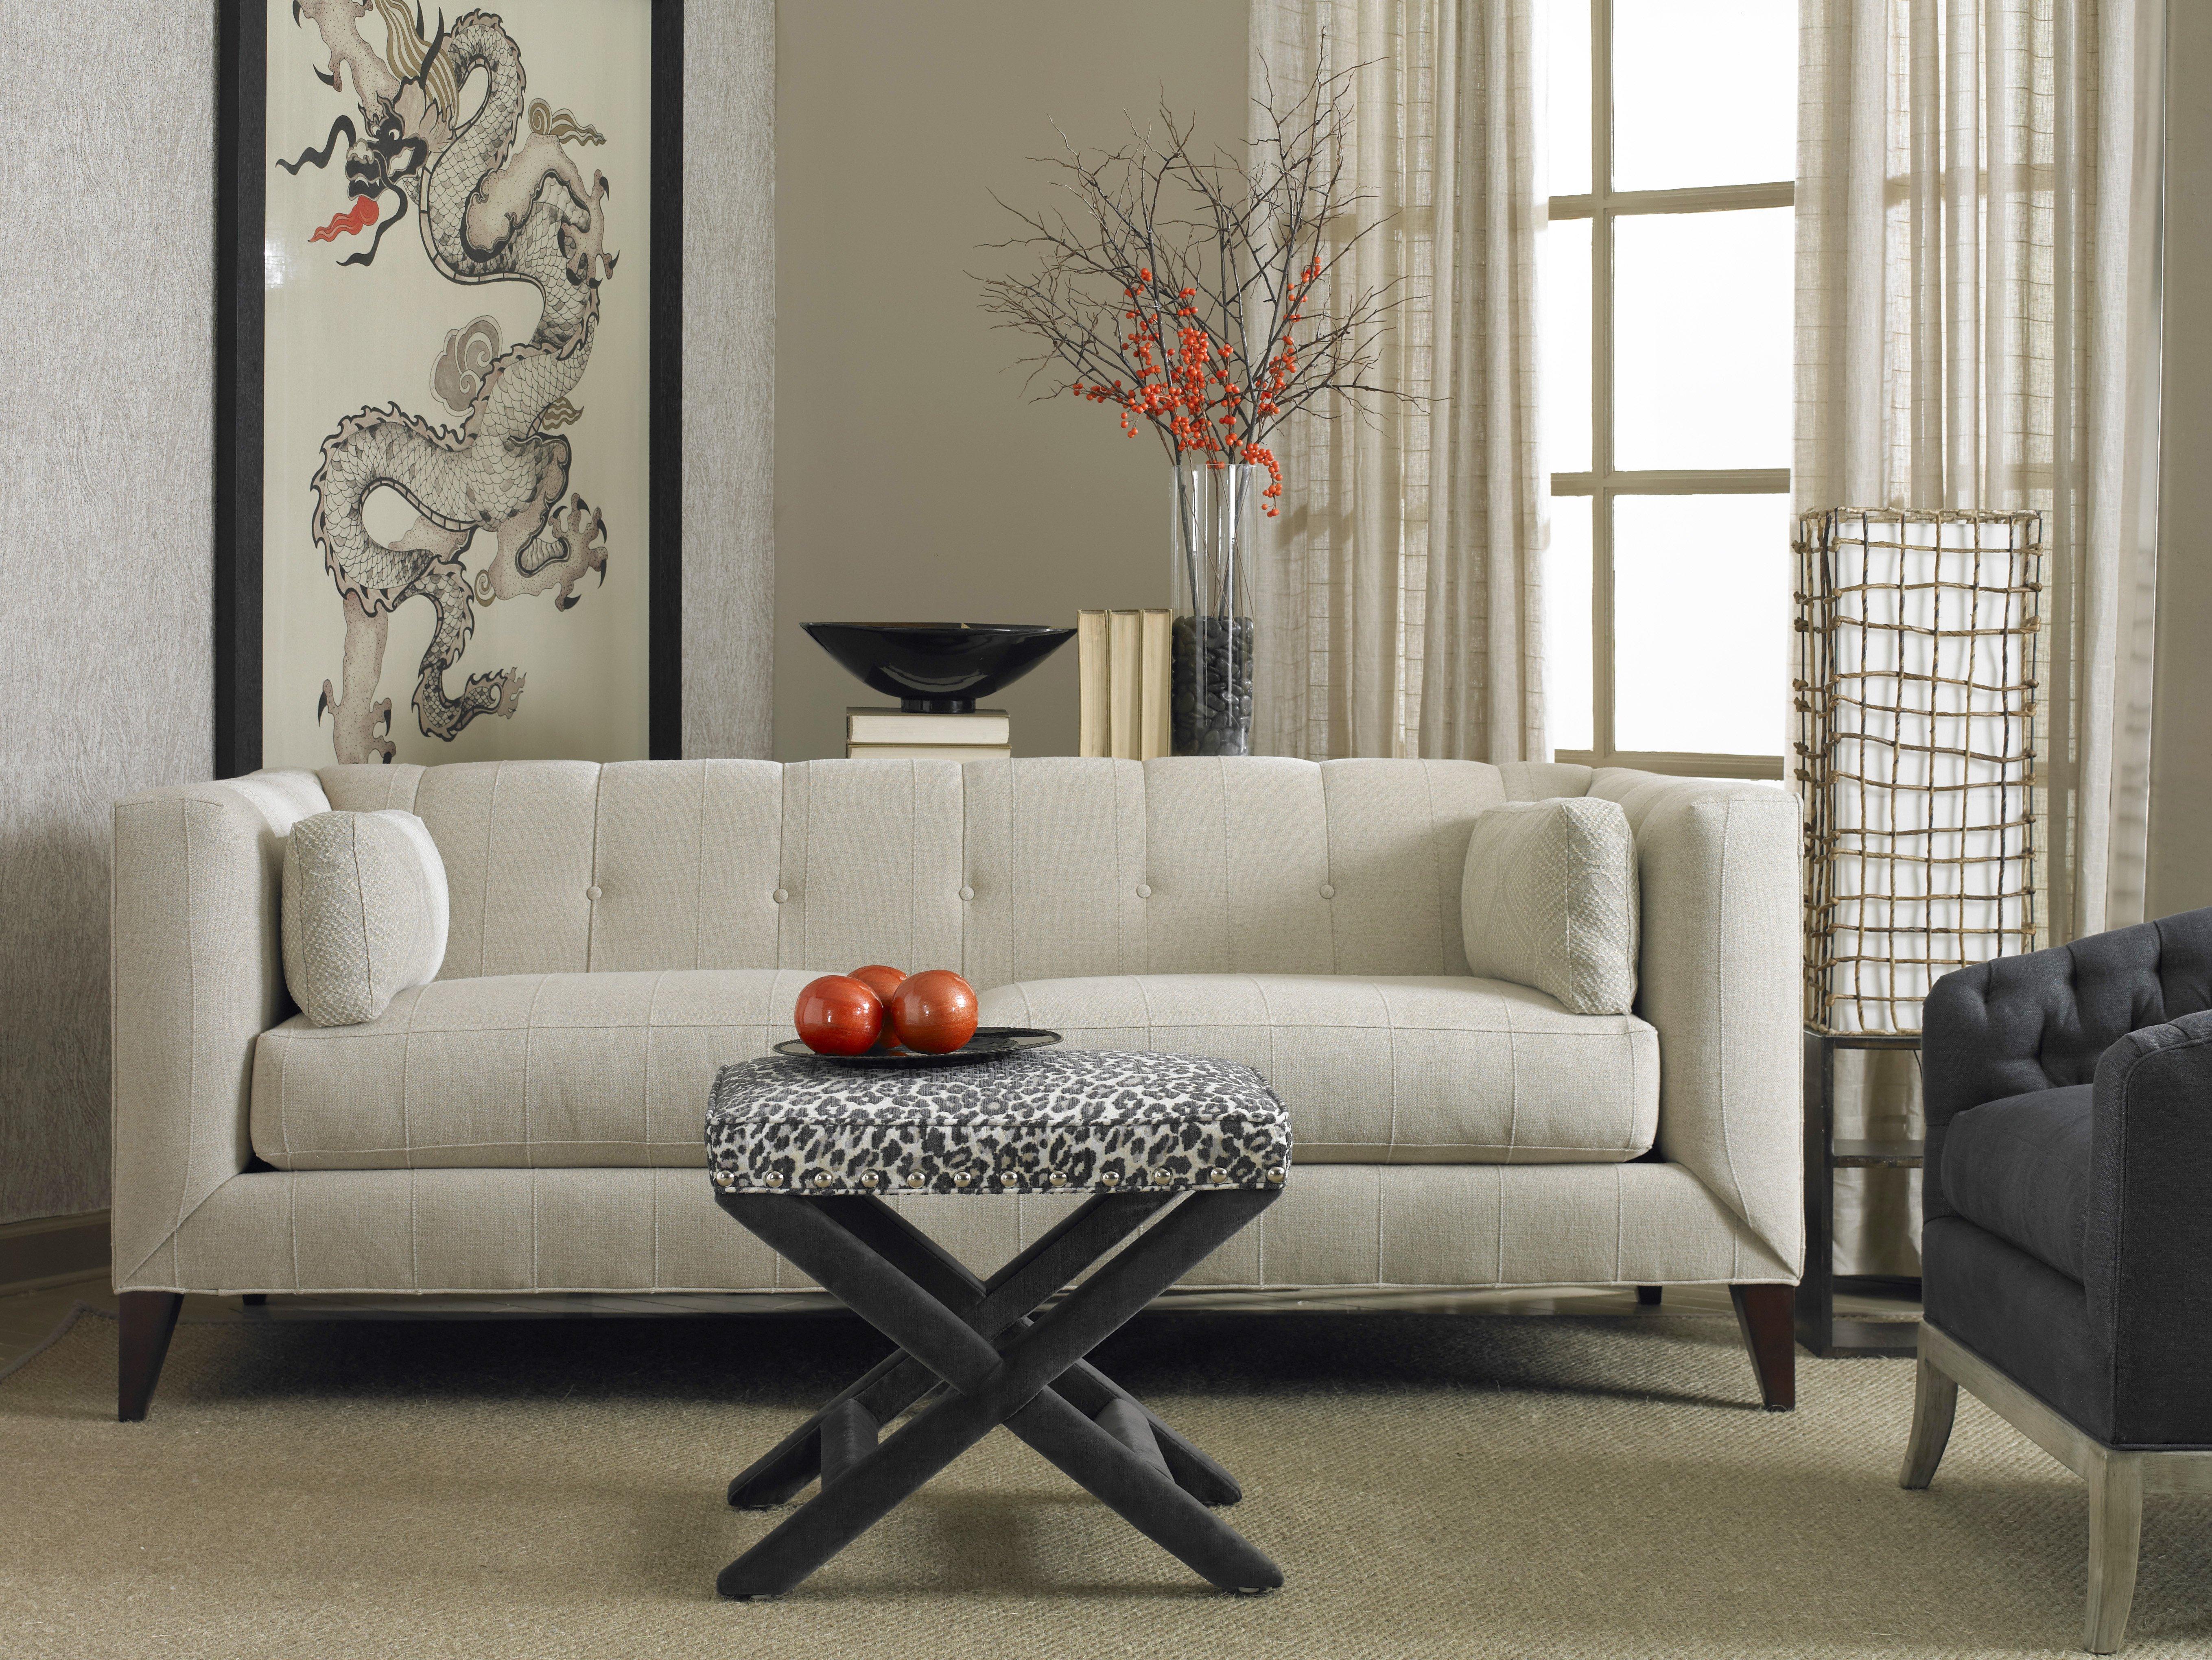 Furniture Classics: A Furniture Store In Anchorage, Ak pertaining to Furniture Stores In Anchorage Ak